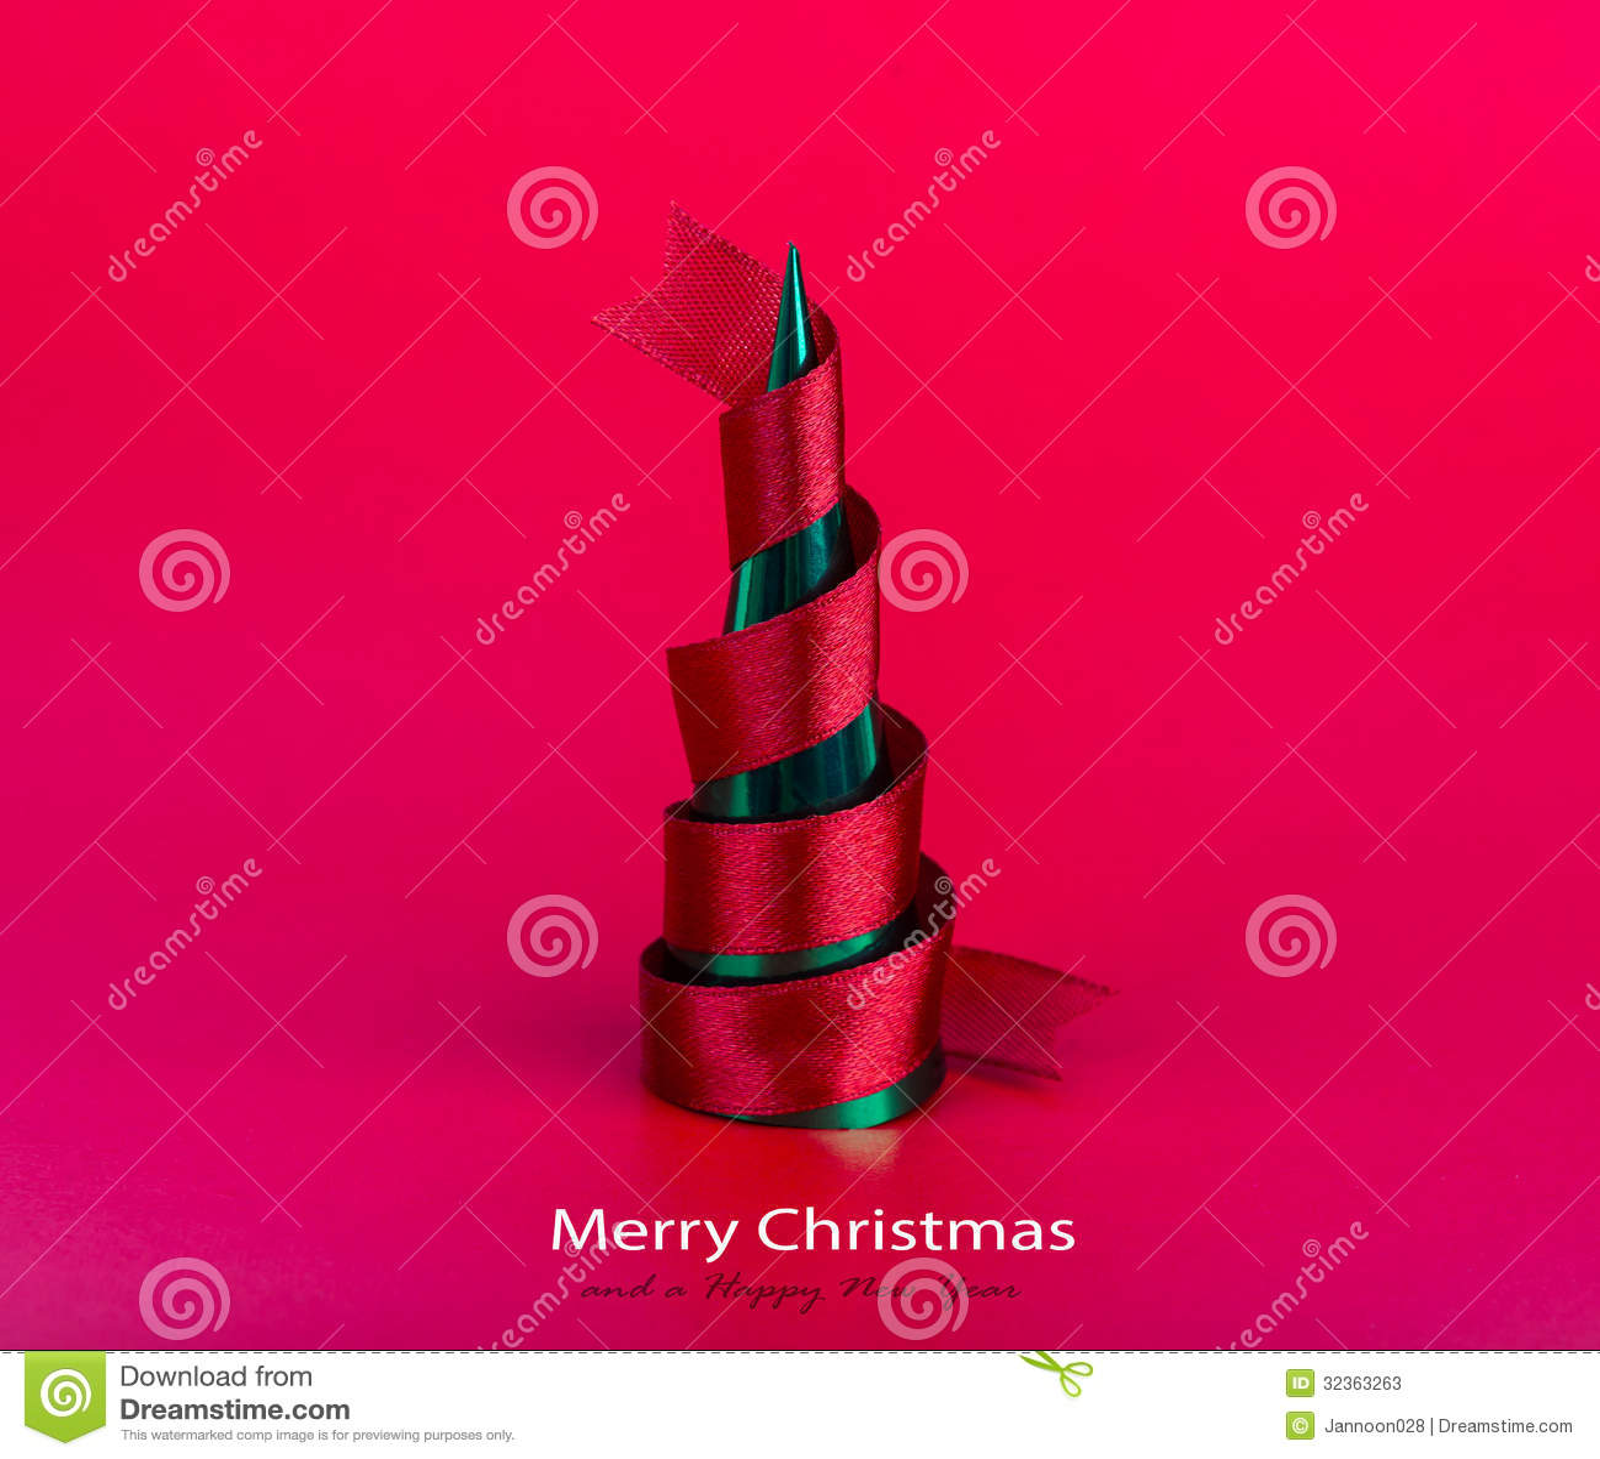 红色丝带圣诞树